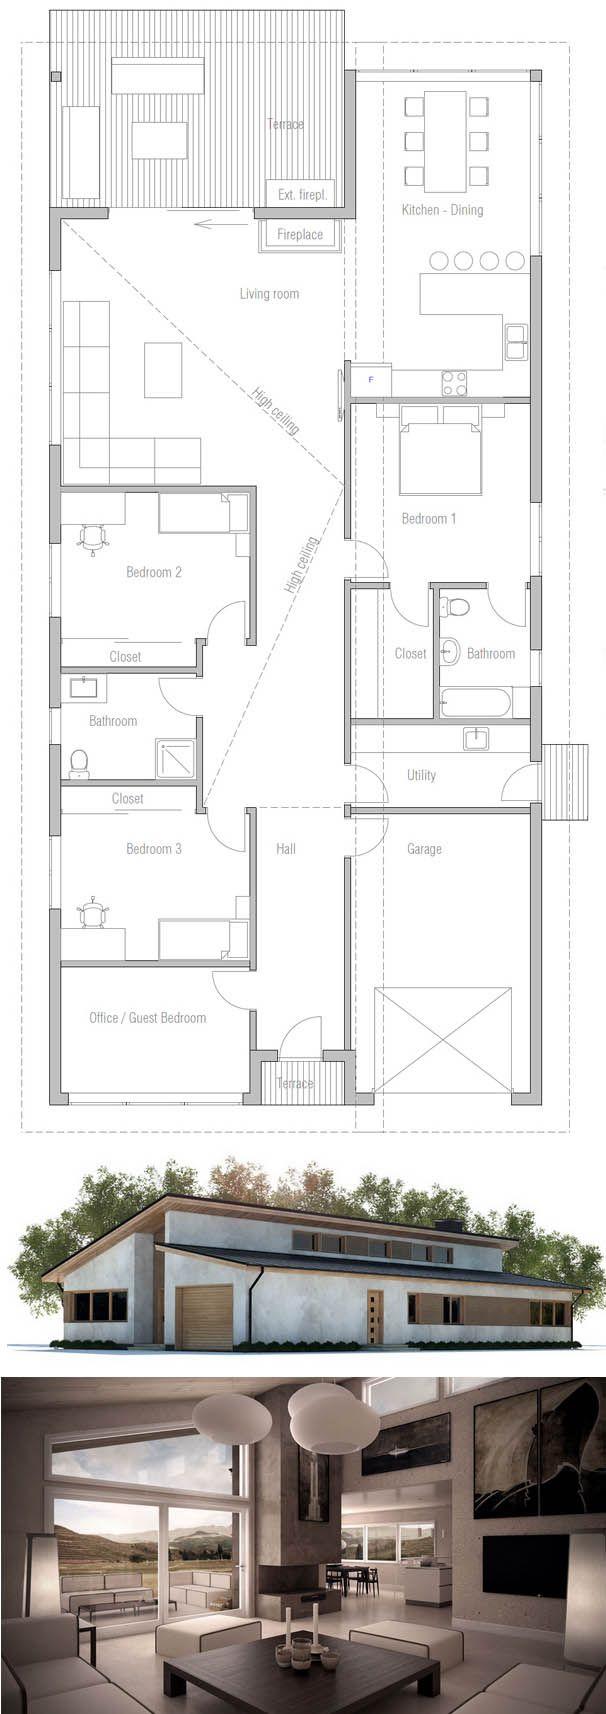 17 migliori idee su planimetrie di case su pinterest for Casa floor